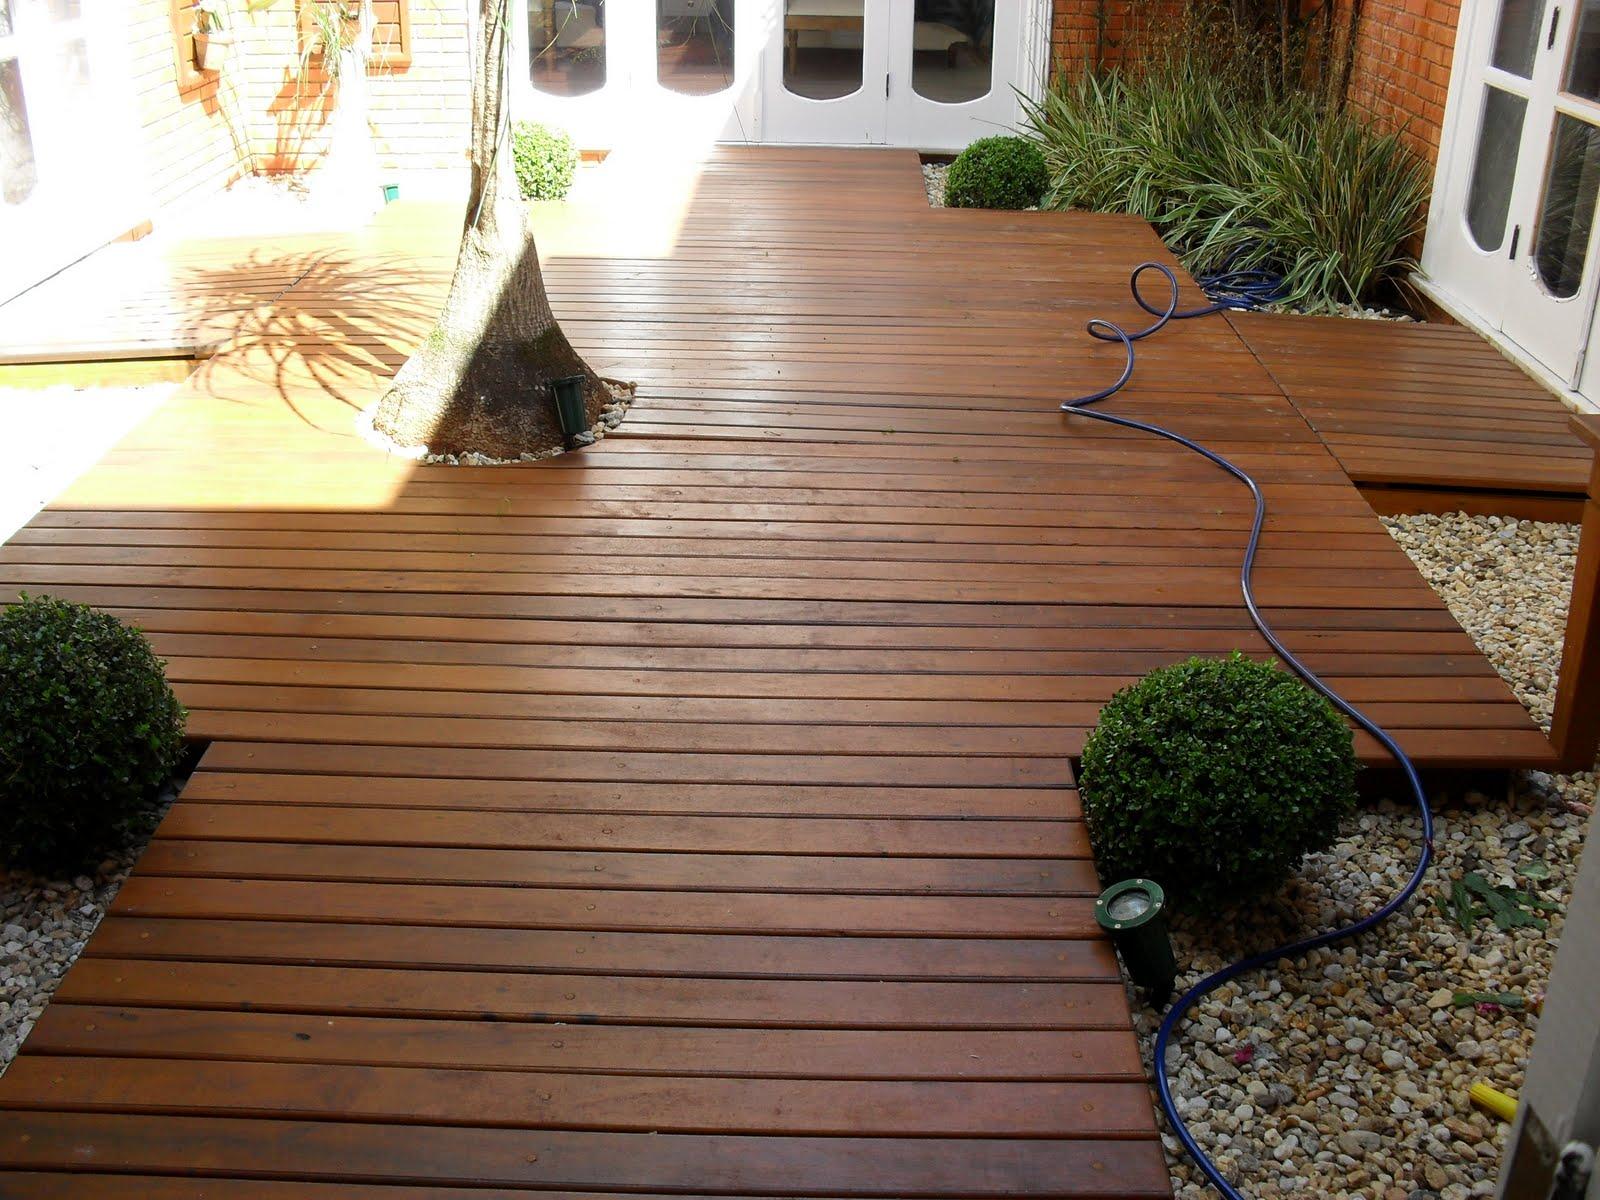 deck em jardim pequeno : deck em jardim pequeno: Manutenção do deck de madeira do seu jardim ou piscina em 4 passos